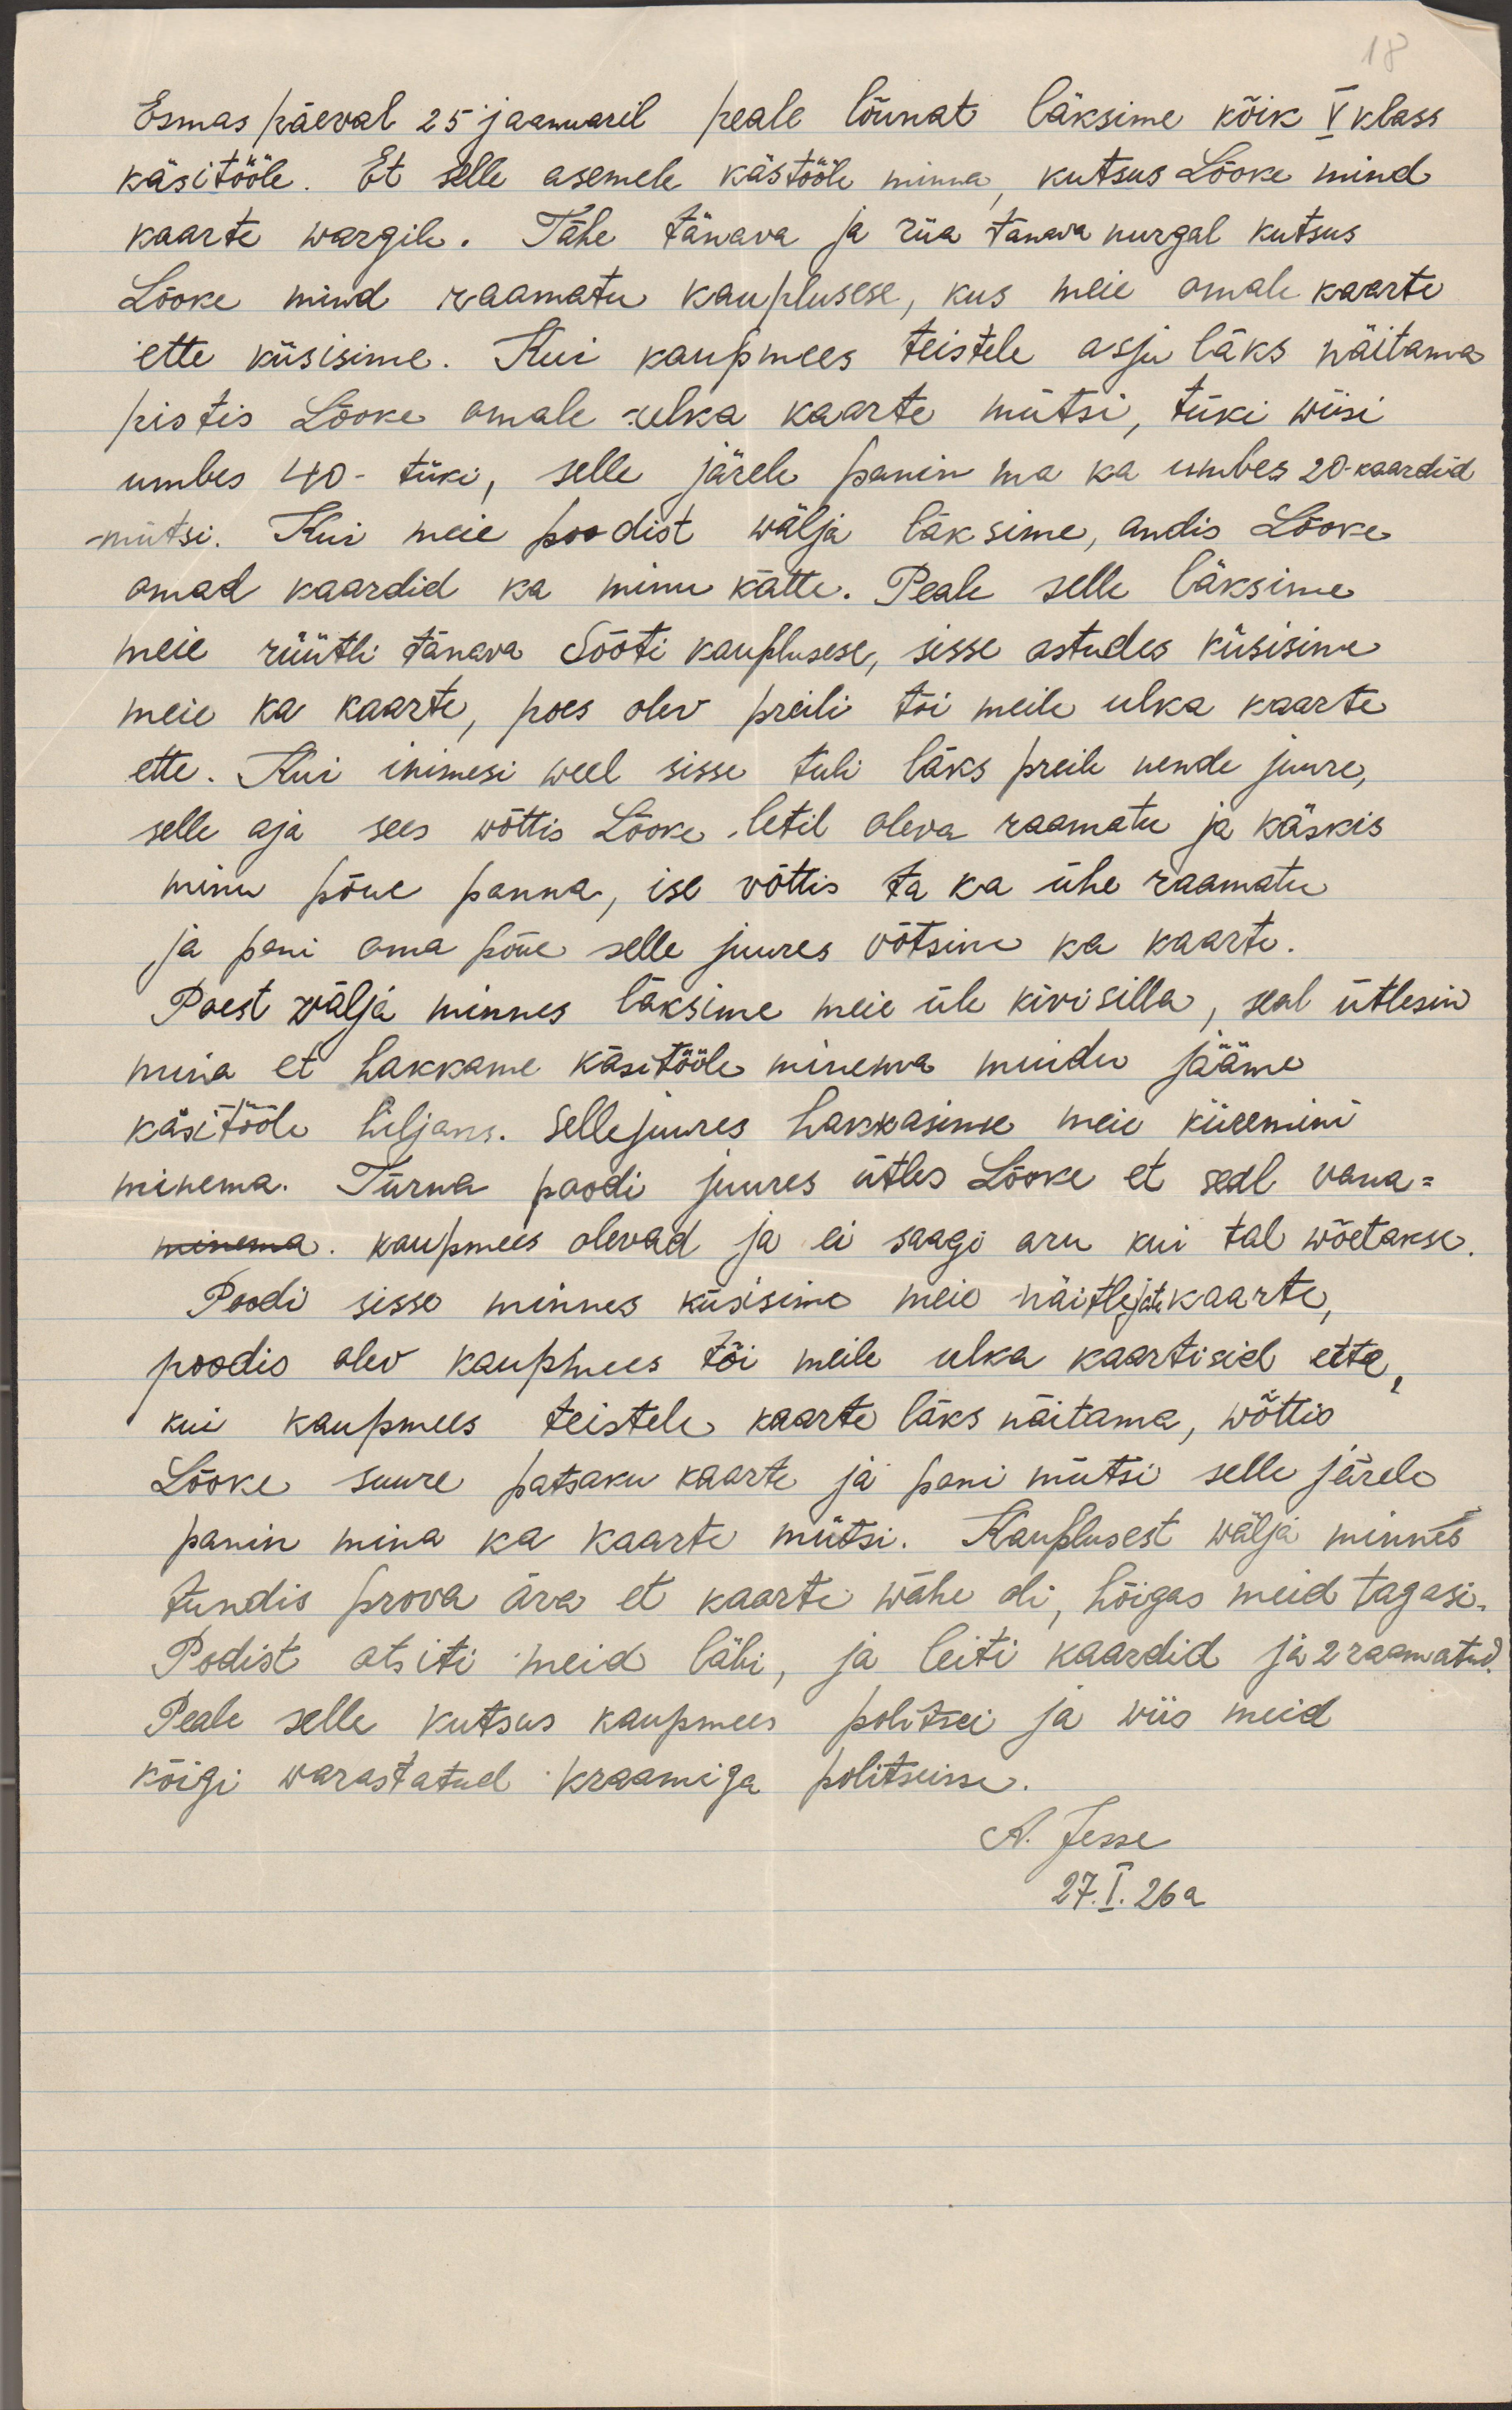 Koolipoisi seletuskiri postkaartide varguse kohta. 1926. eaa.5367.1.68_18